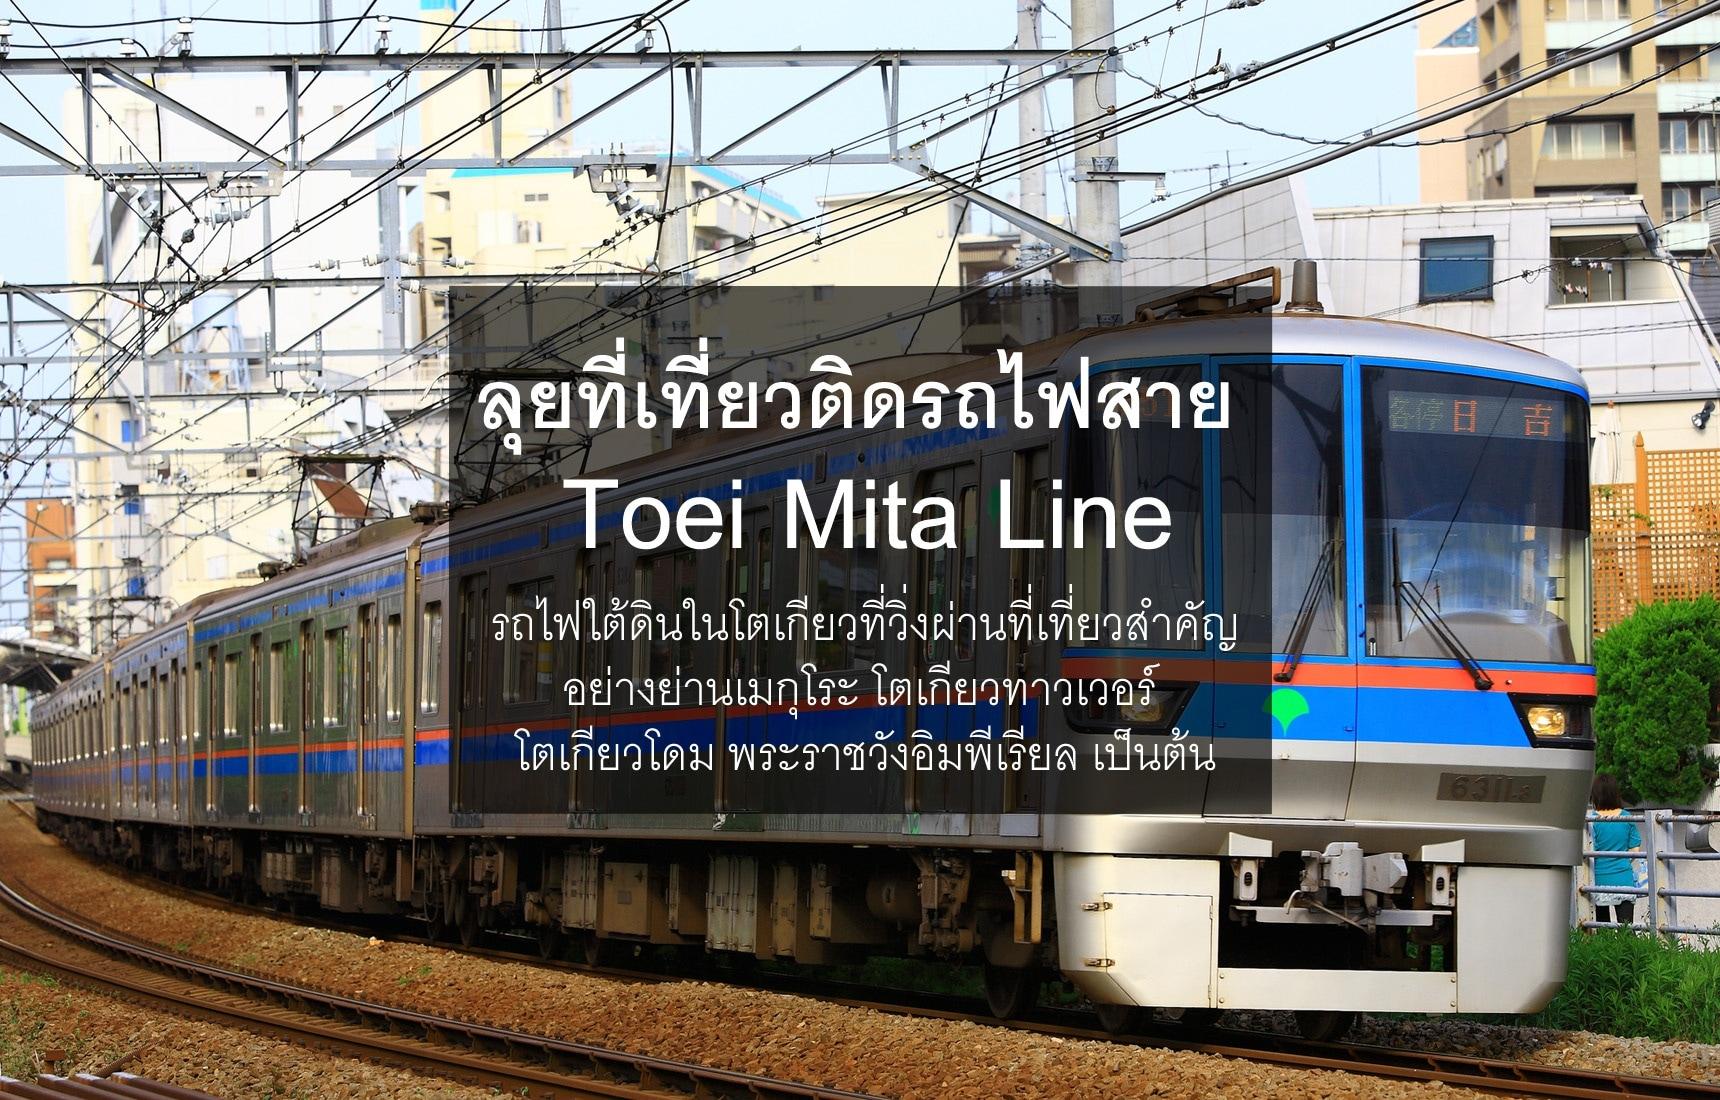 ลุยที่เที่ยวติดรถไฟสาย Toei Mita Line